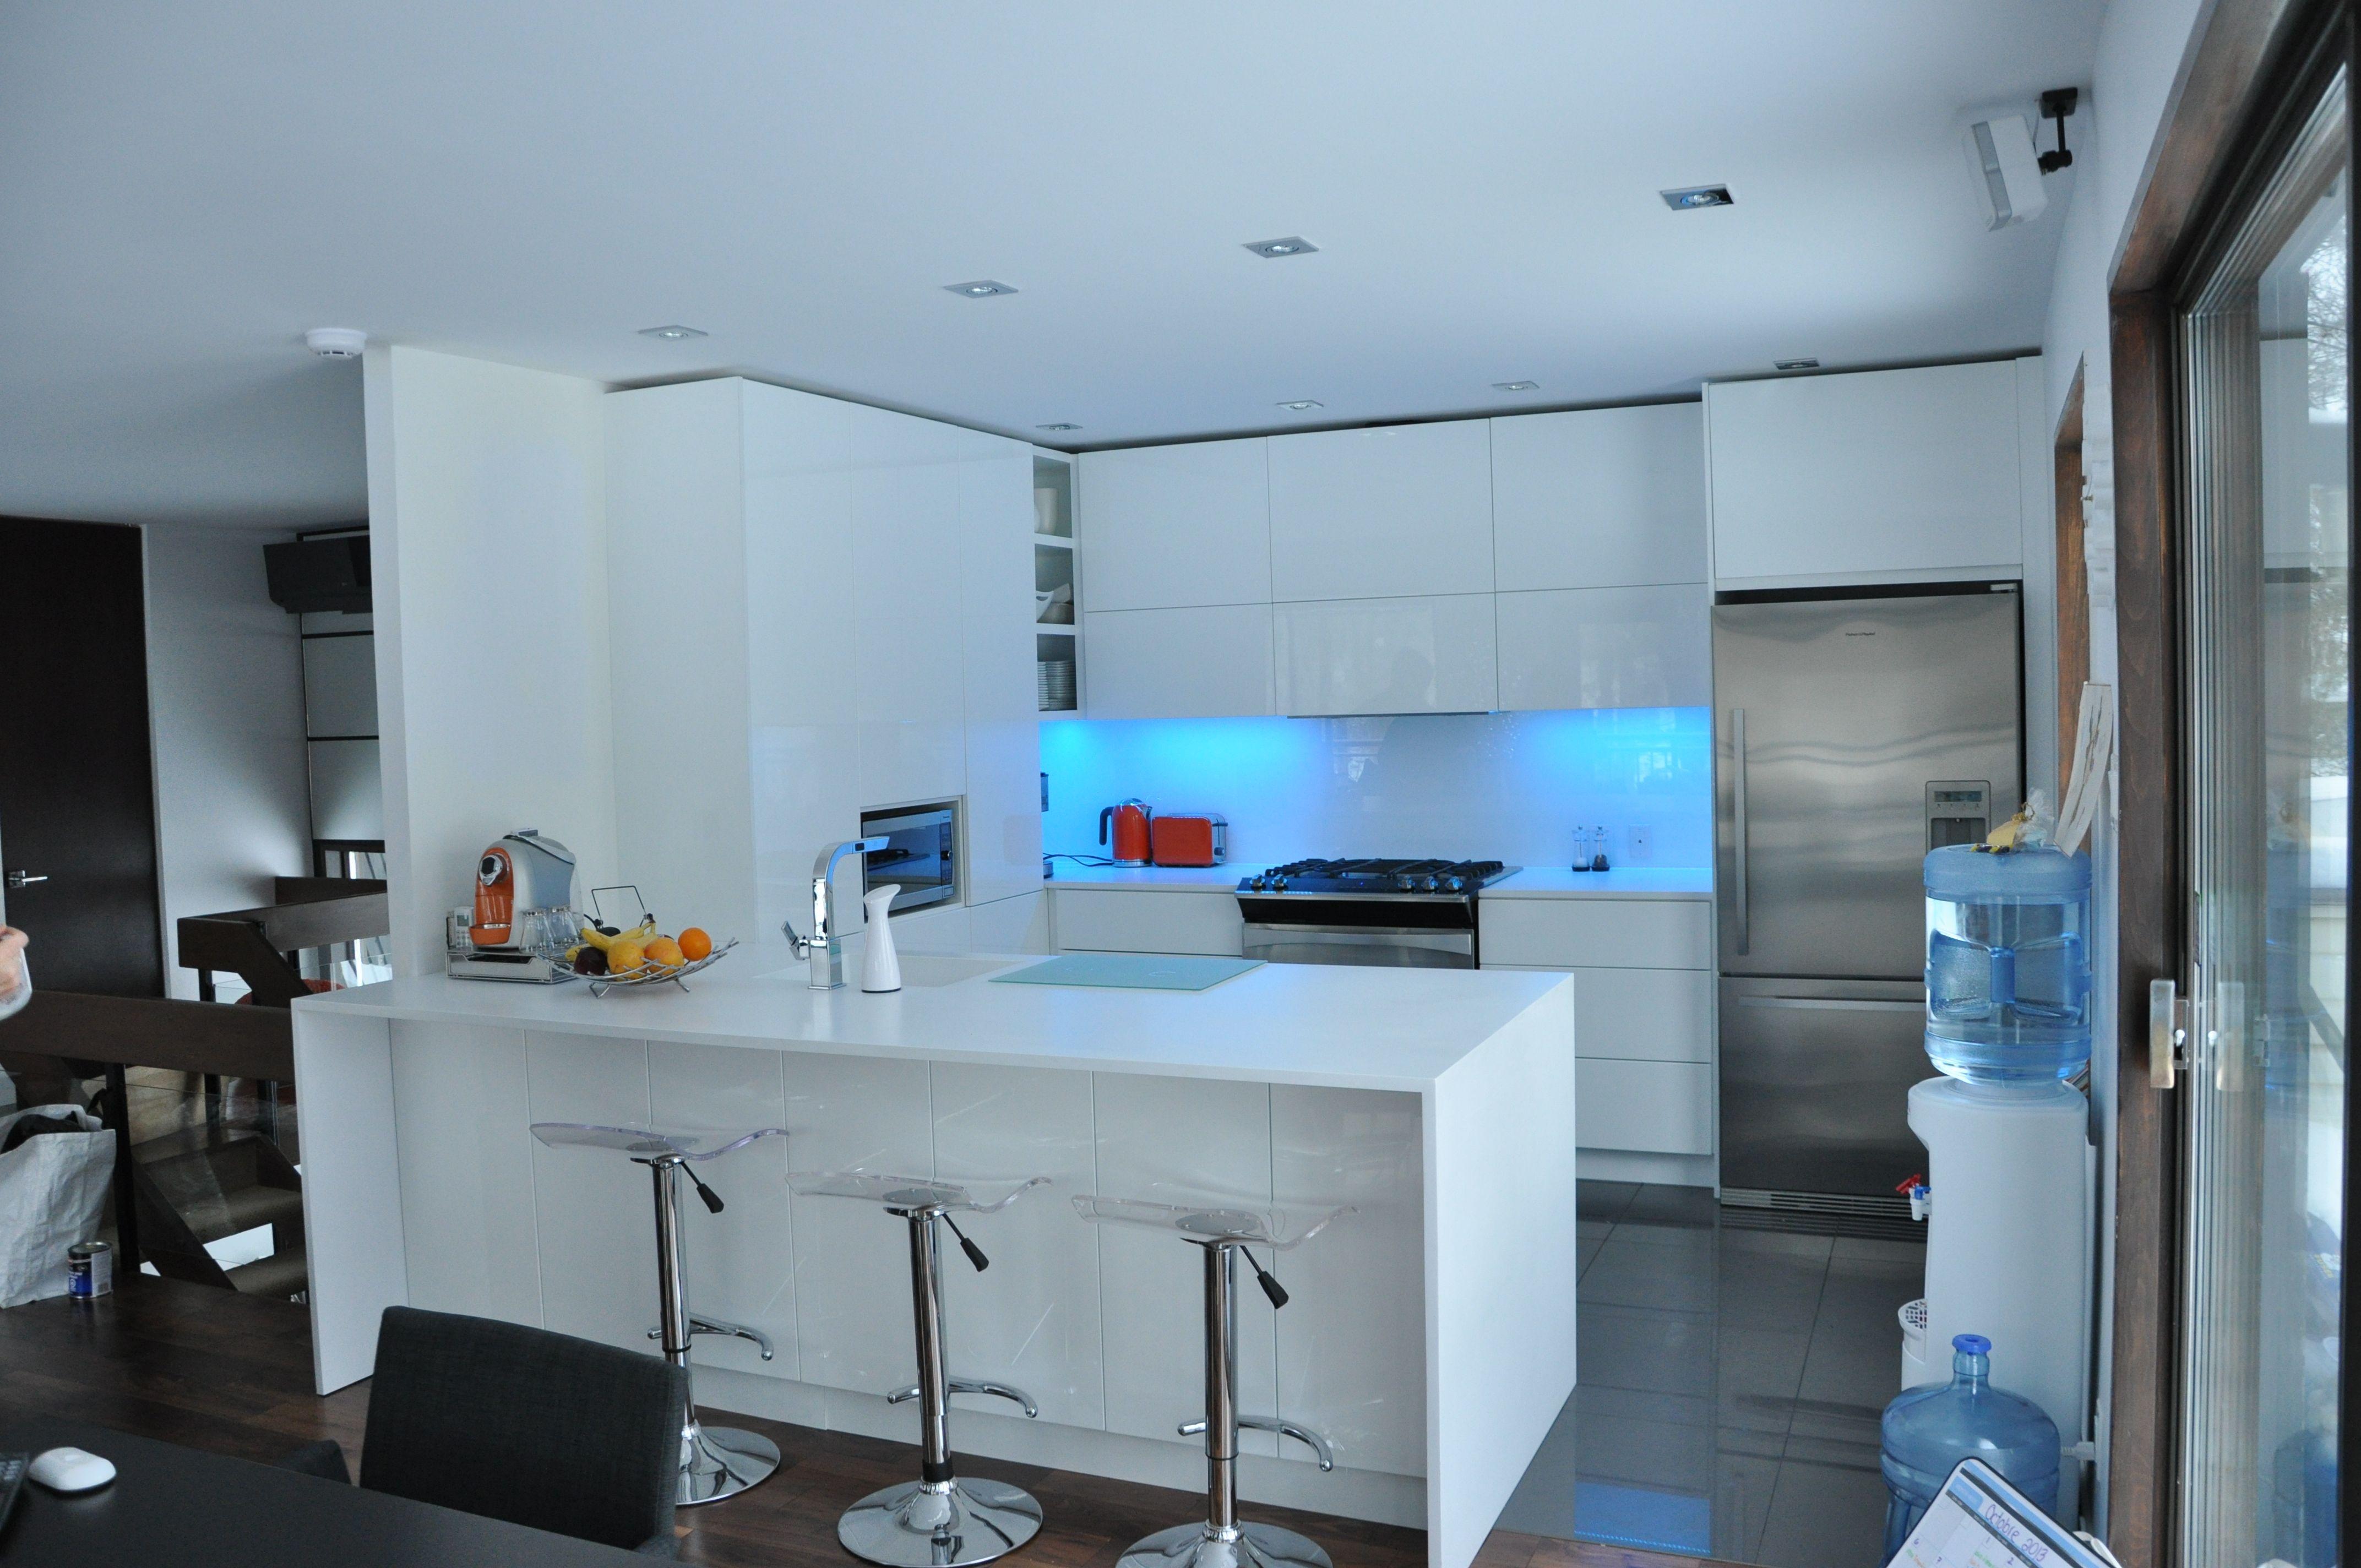 voici une cuisine color e r alis e par cuisines nouvelles r mise en valeur par les produits d. Black Bedroom Furniture Sets. Home Design Ideas